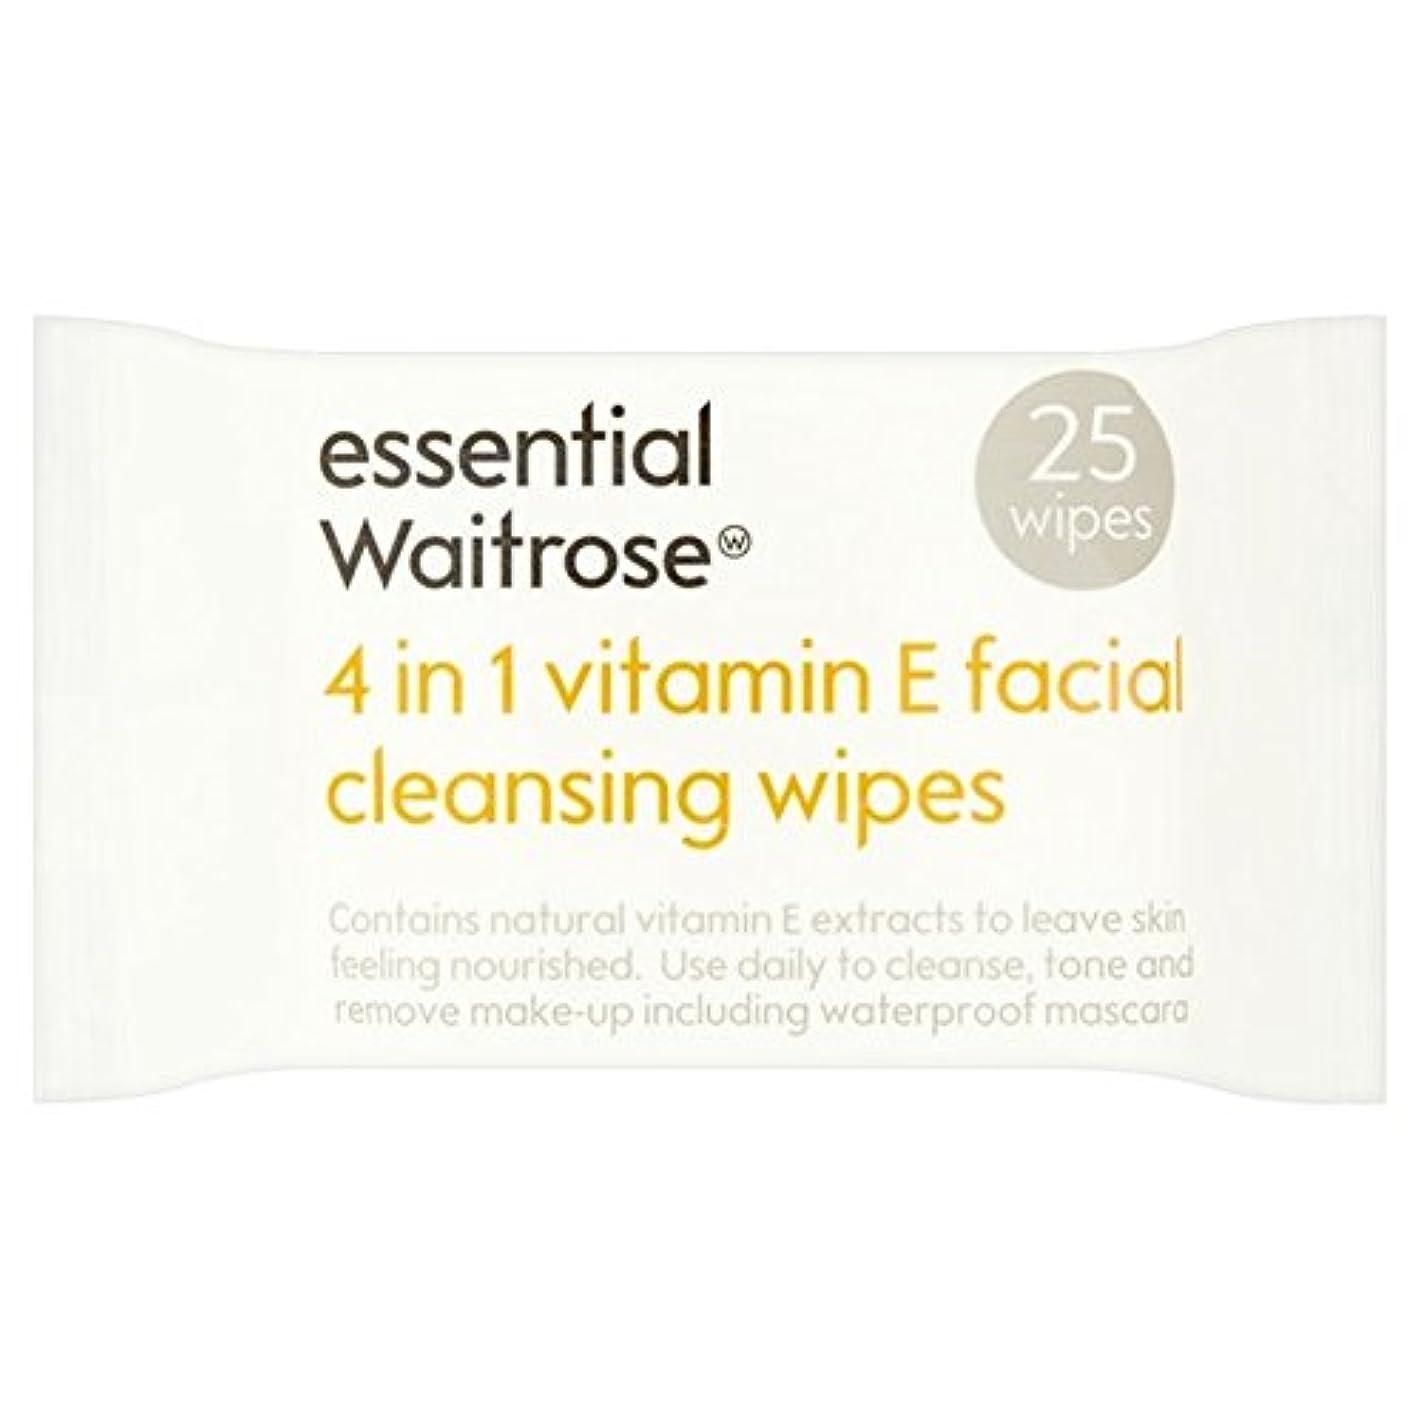 打たれたトラック期限差別するEssential 4 in 1 Cleansing Wipes Vitamin E Waitrose 25 per pack (Pack of 6) - 1つのクレンジングで4不可欠パックあたりのビタミンウェイトローズ...